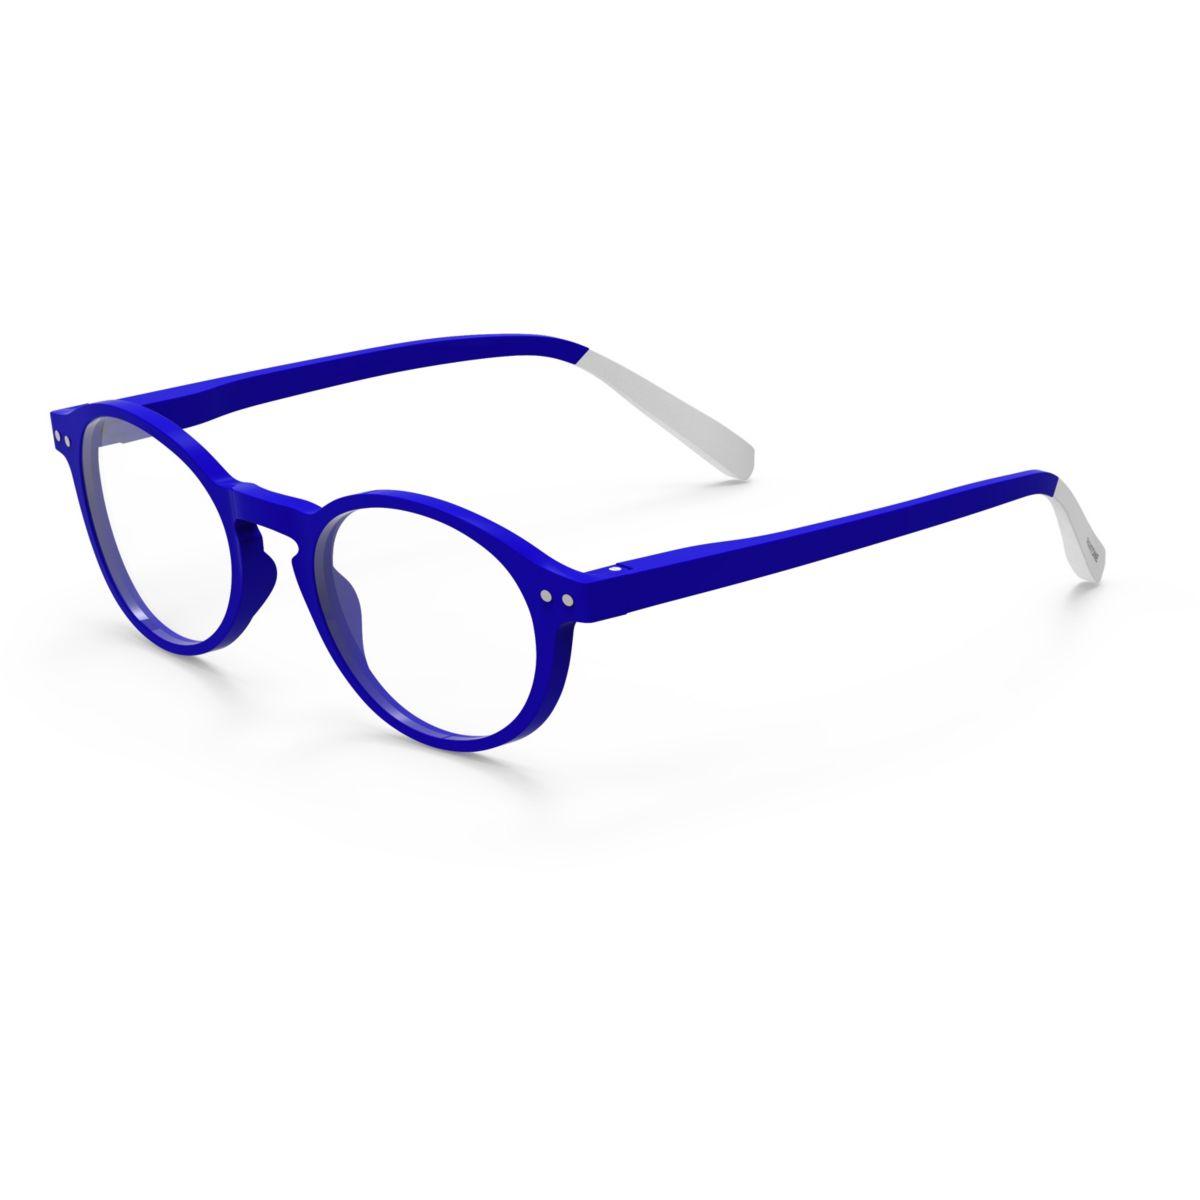 Lunette de lecture anti lumière bleue PANTONE BLEU ELEC Num2 +2.0 2en1